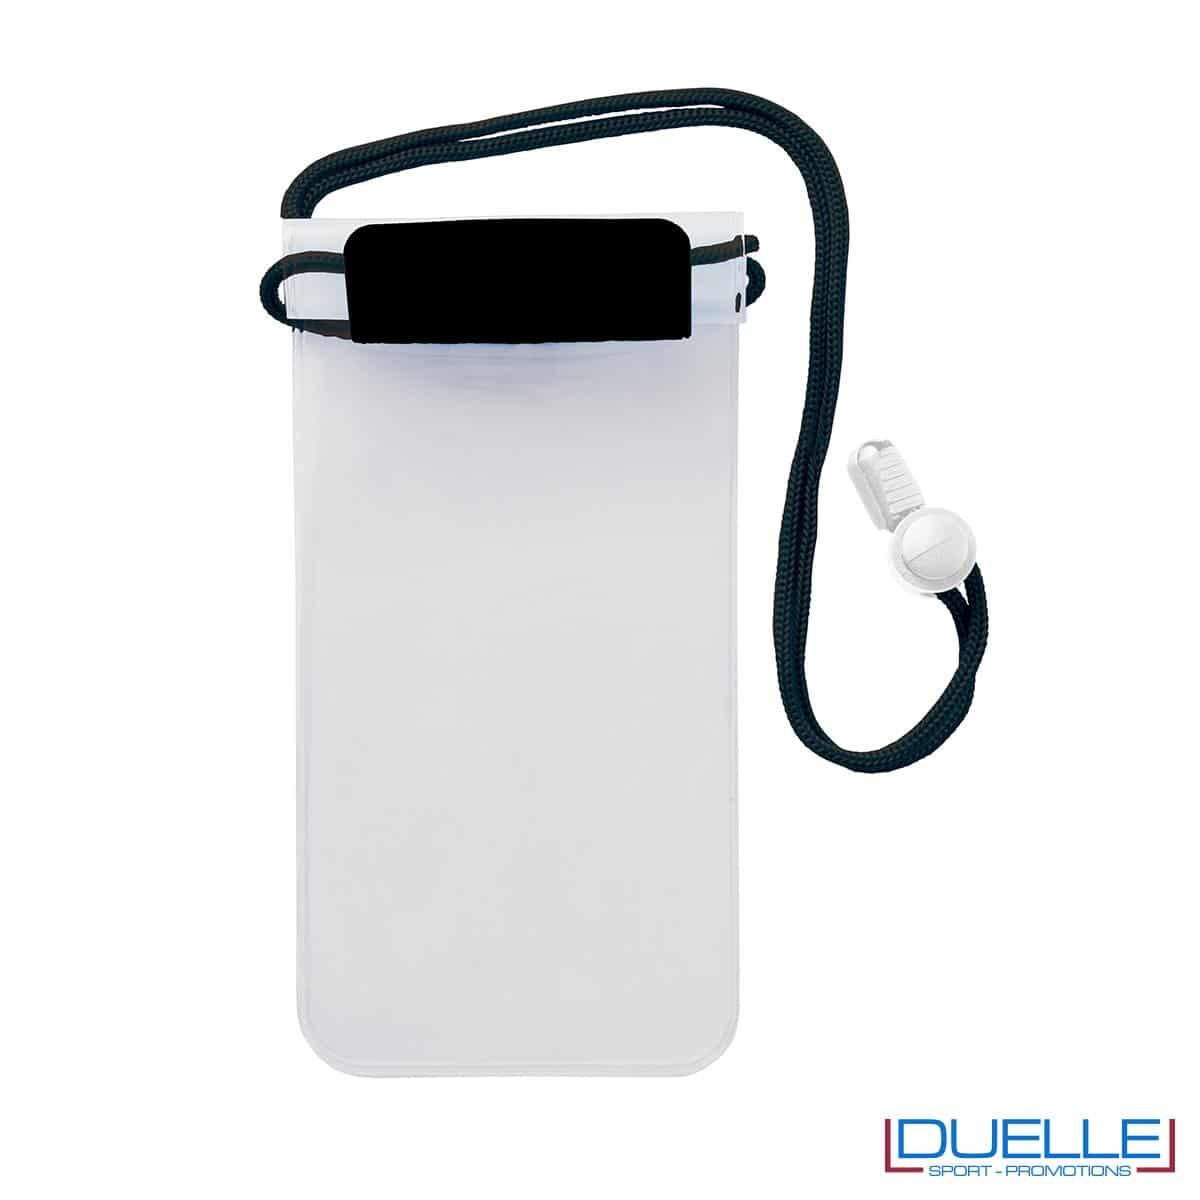 Porta cellulare impermeabile personalizzato colore nero